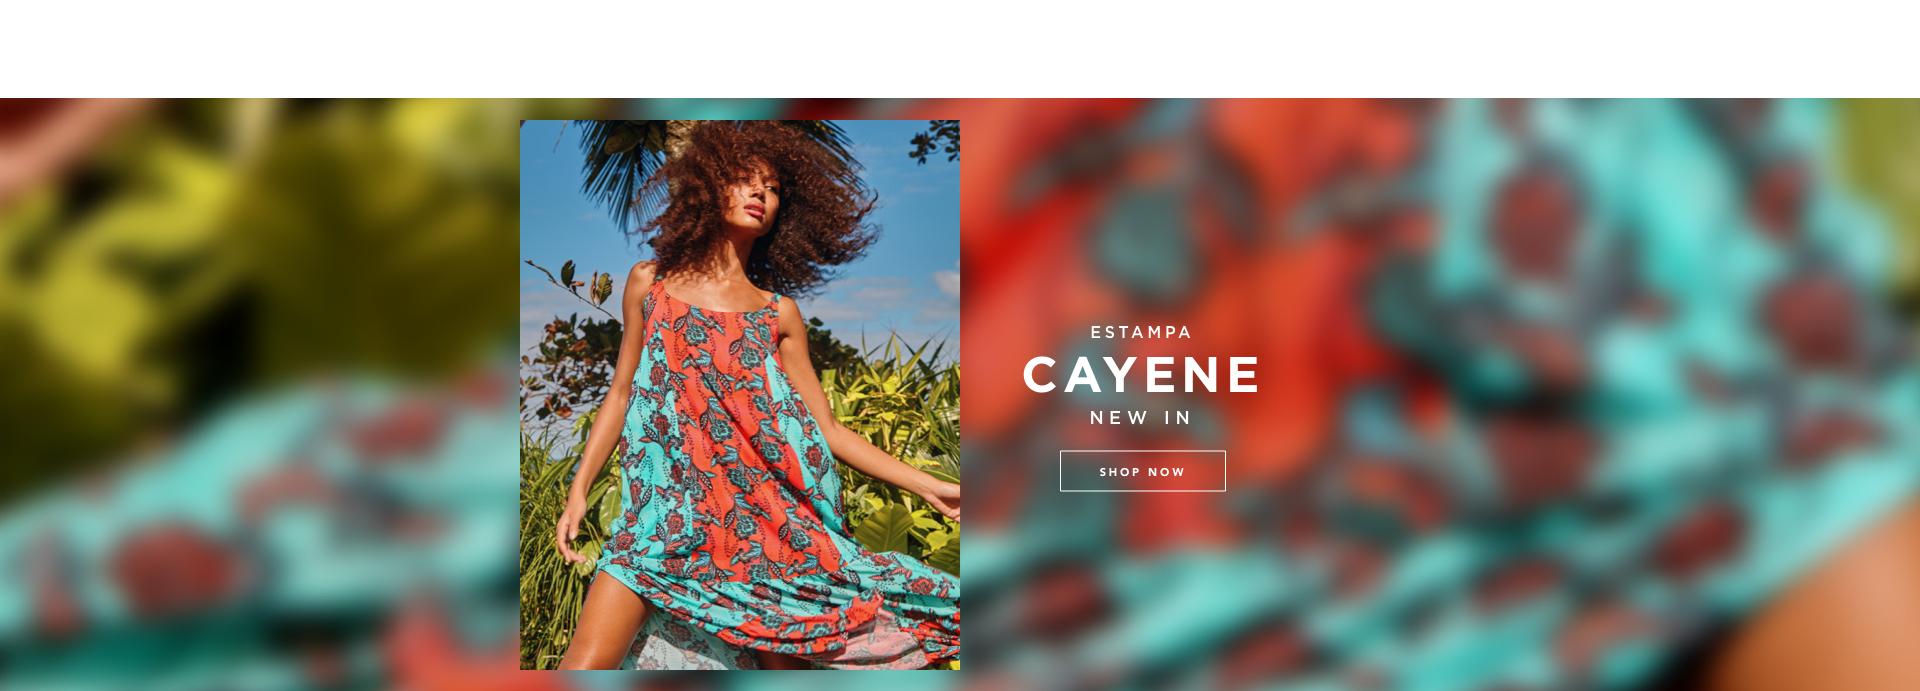 Cayene